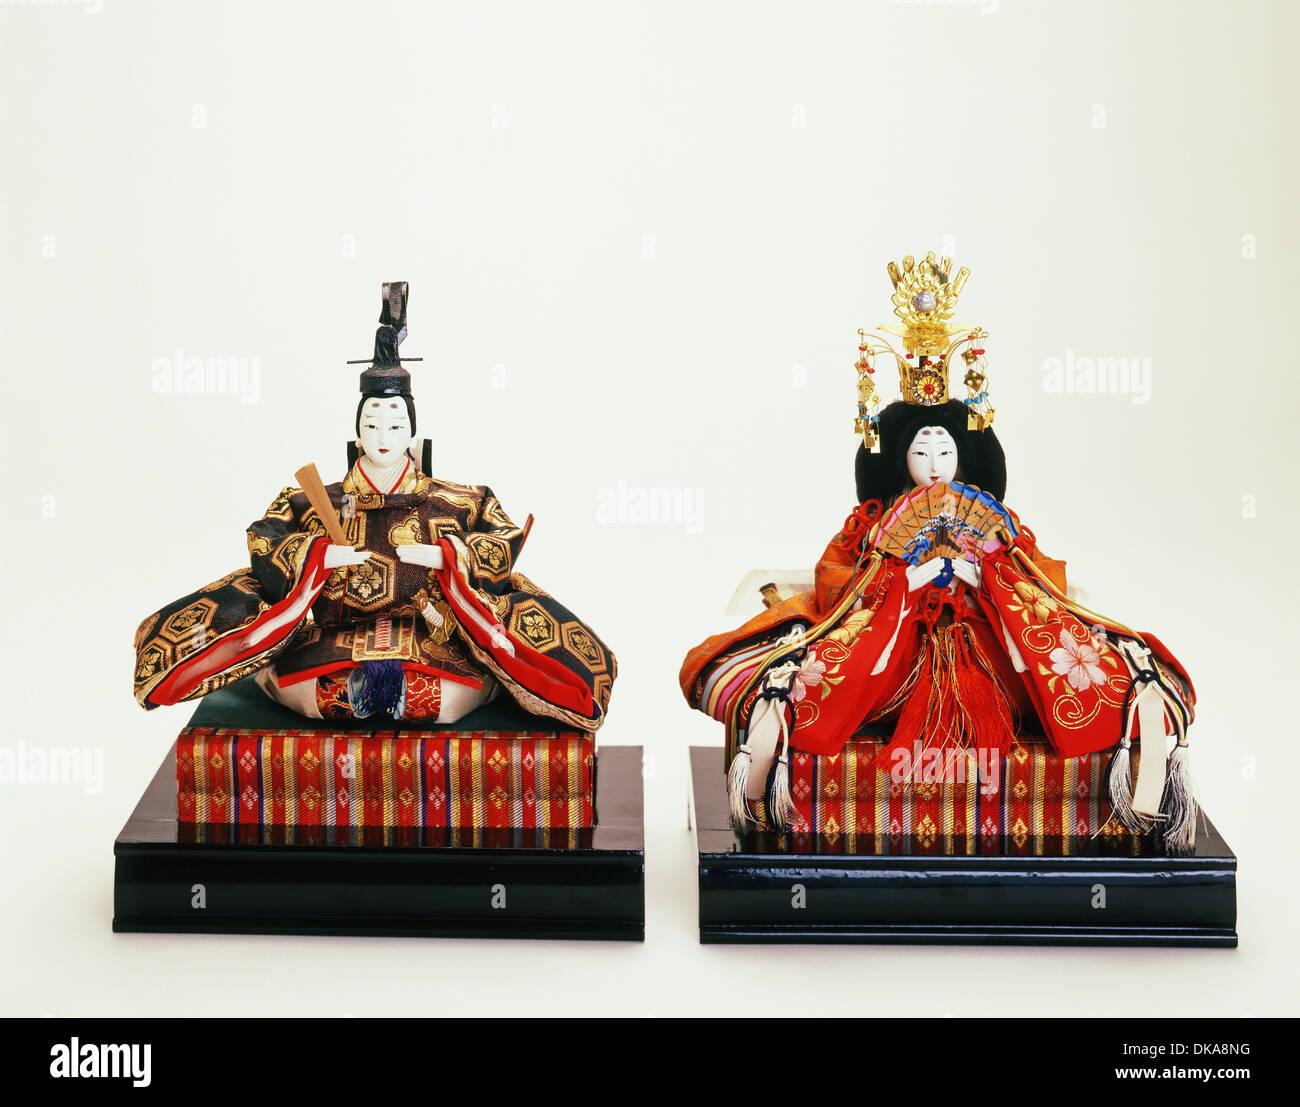 Japanese Dolls Stock Photos & Japanese Dolls Stock Images - Alamy